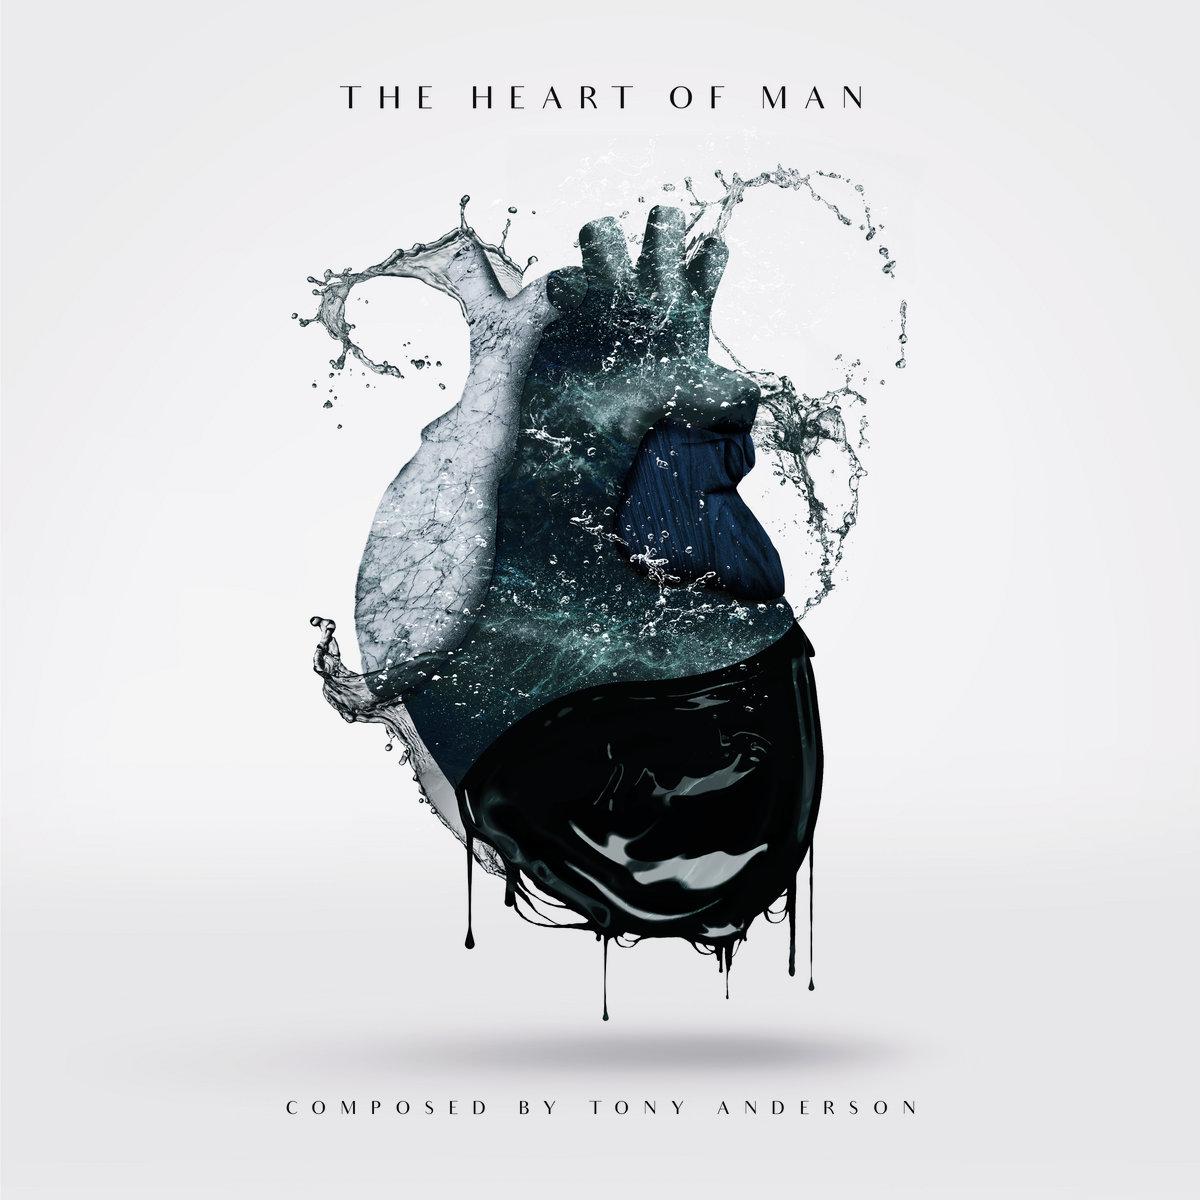 دانلود آلبوم موسیقی The Heart of Man توسط Tony Anderson